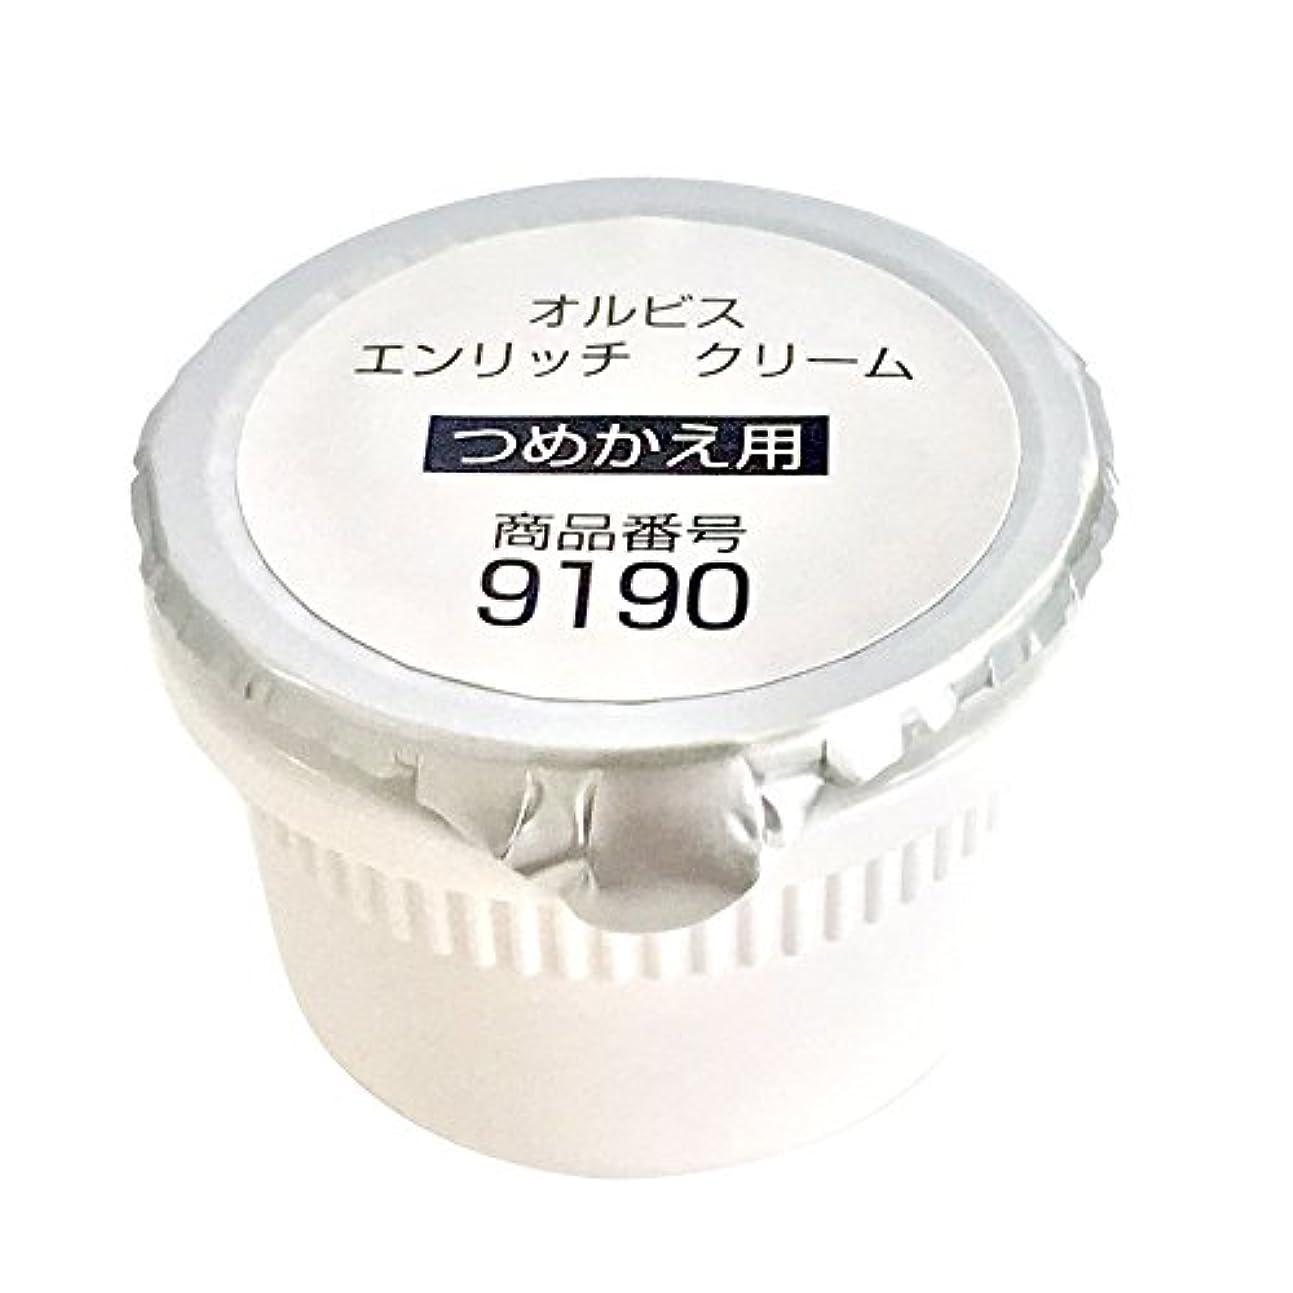 別の落ち着いた有毒なオルビス(ORBIS) エンリッチ クリーム 詰替 30g ◎エイジングケアクリーム◎